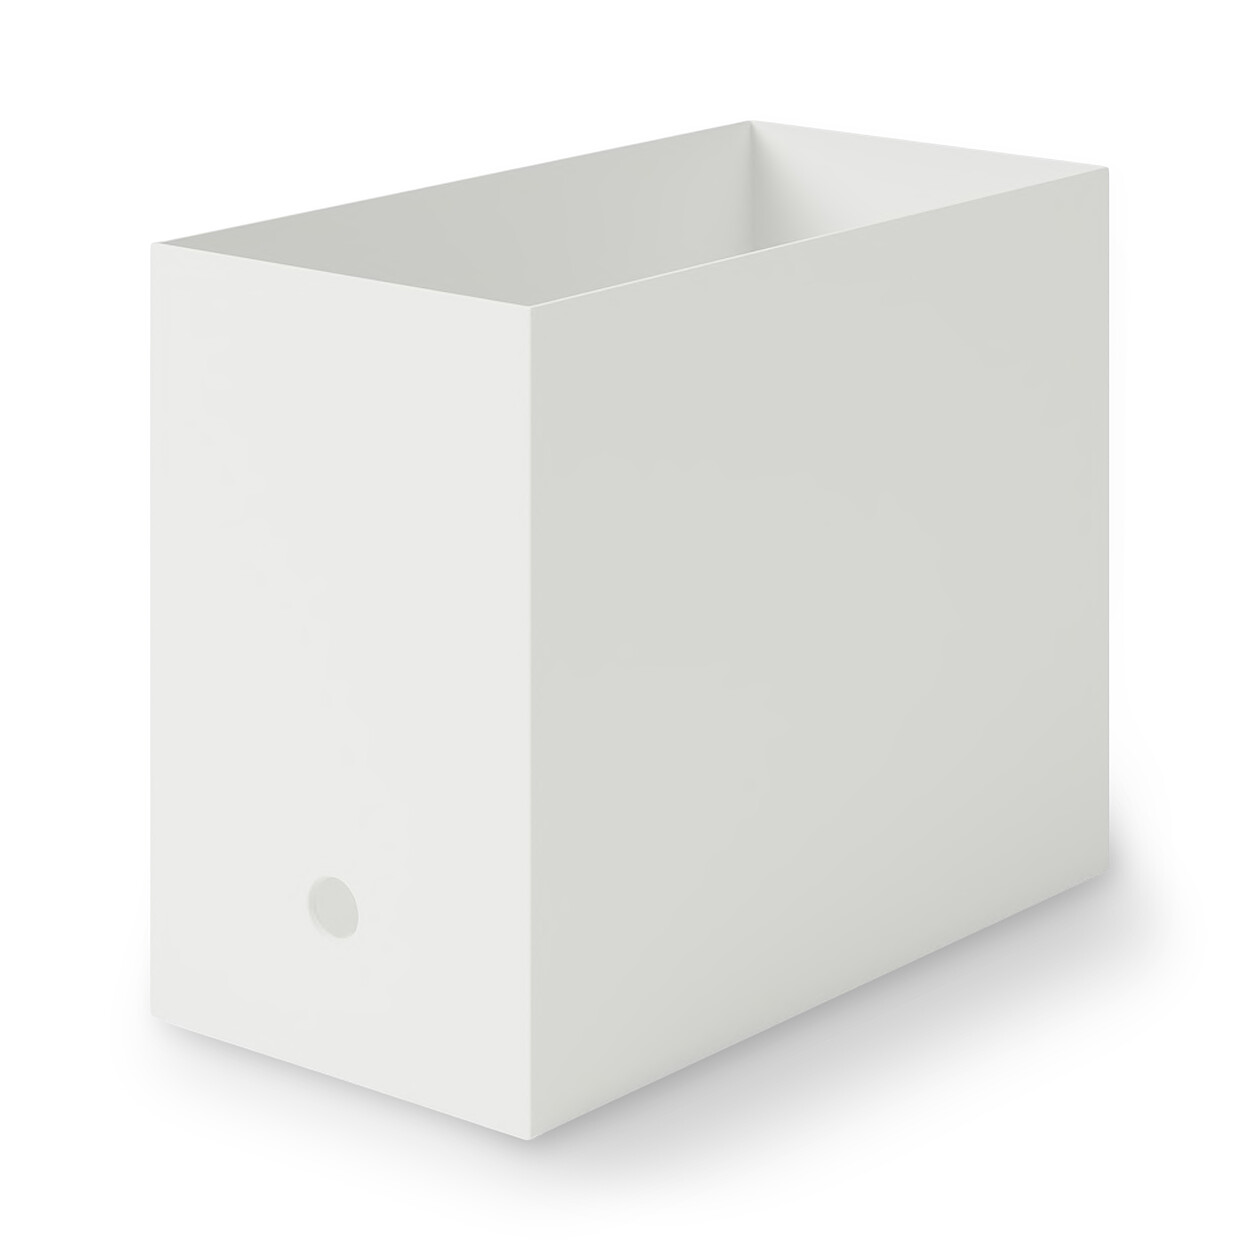 ポリプロピレンファイルボックス・スタンダードタイプ・ワイド・A4用ホワイトグレーの写真